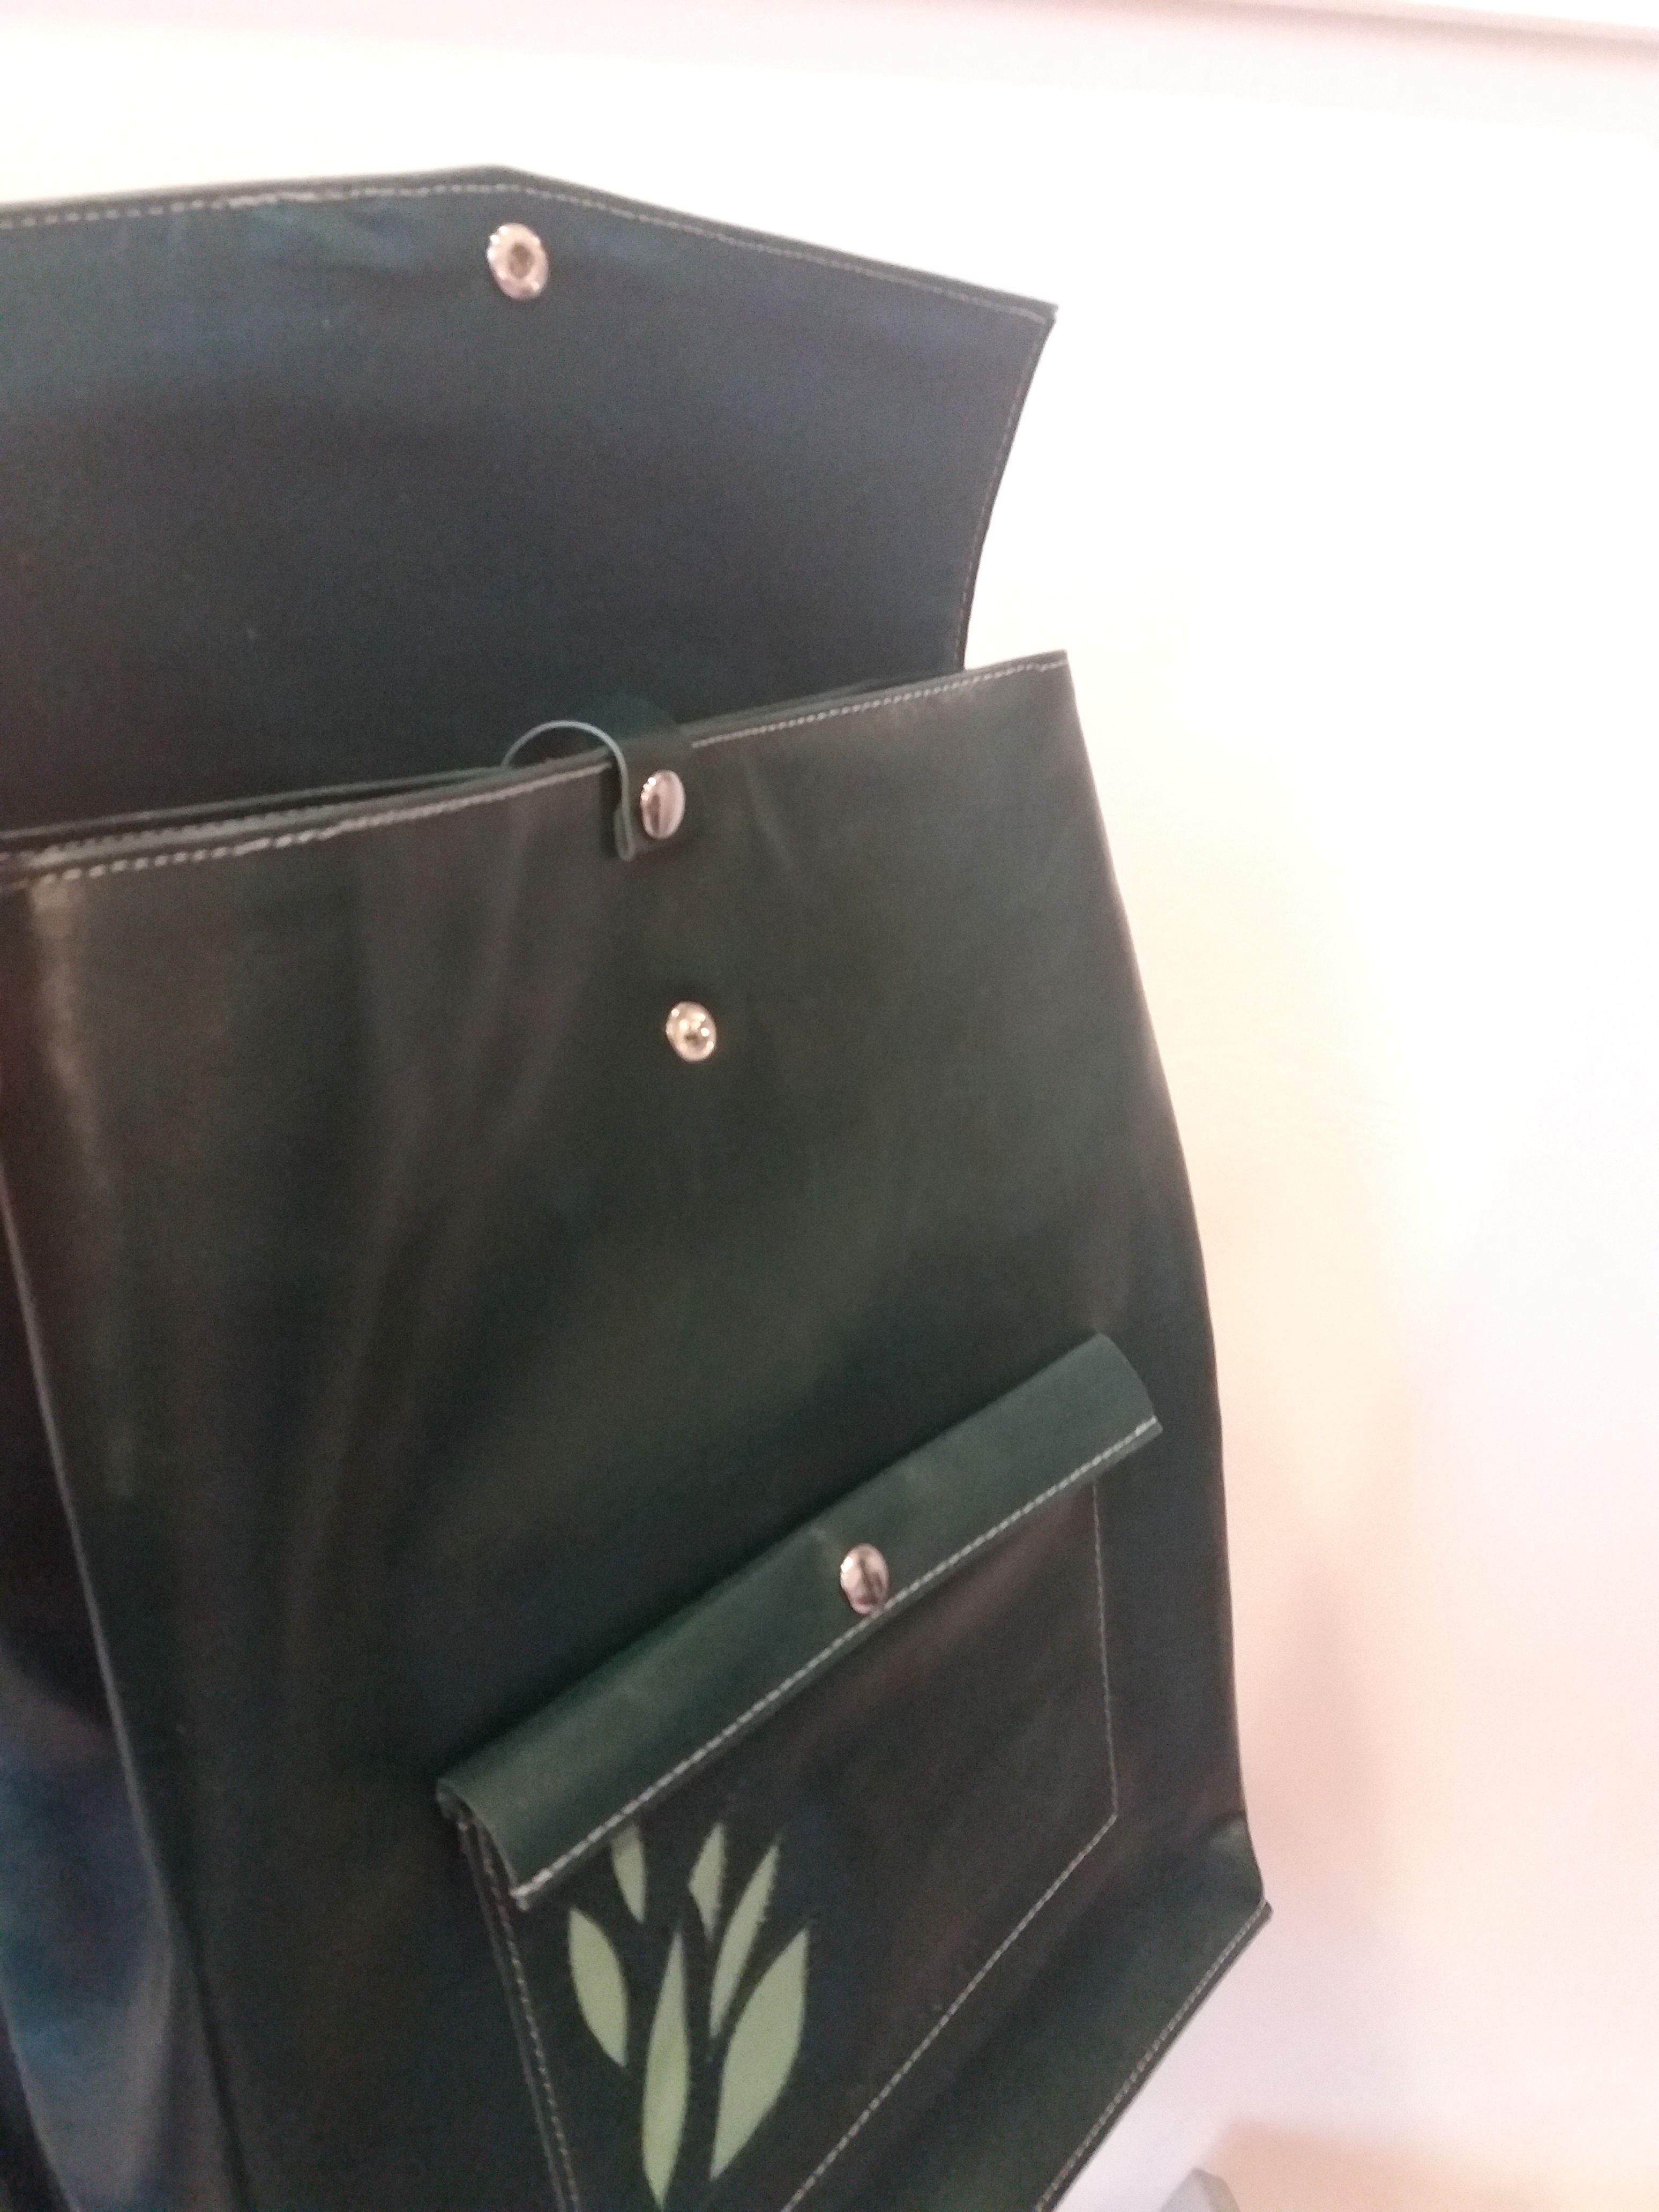 a1ddd11c81e6 Zöld bőr hátitáska – Dia Drávai